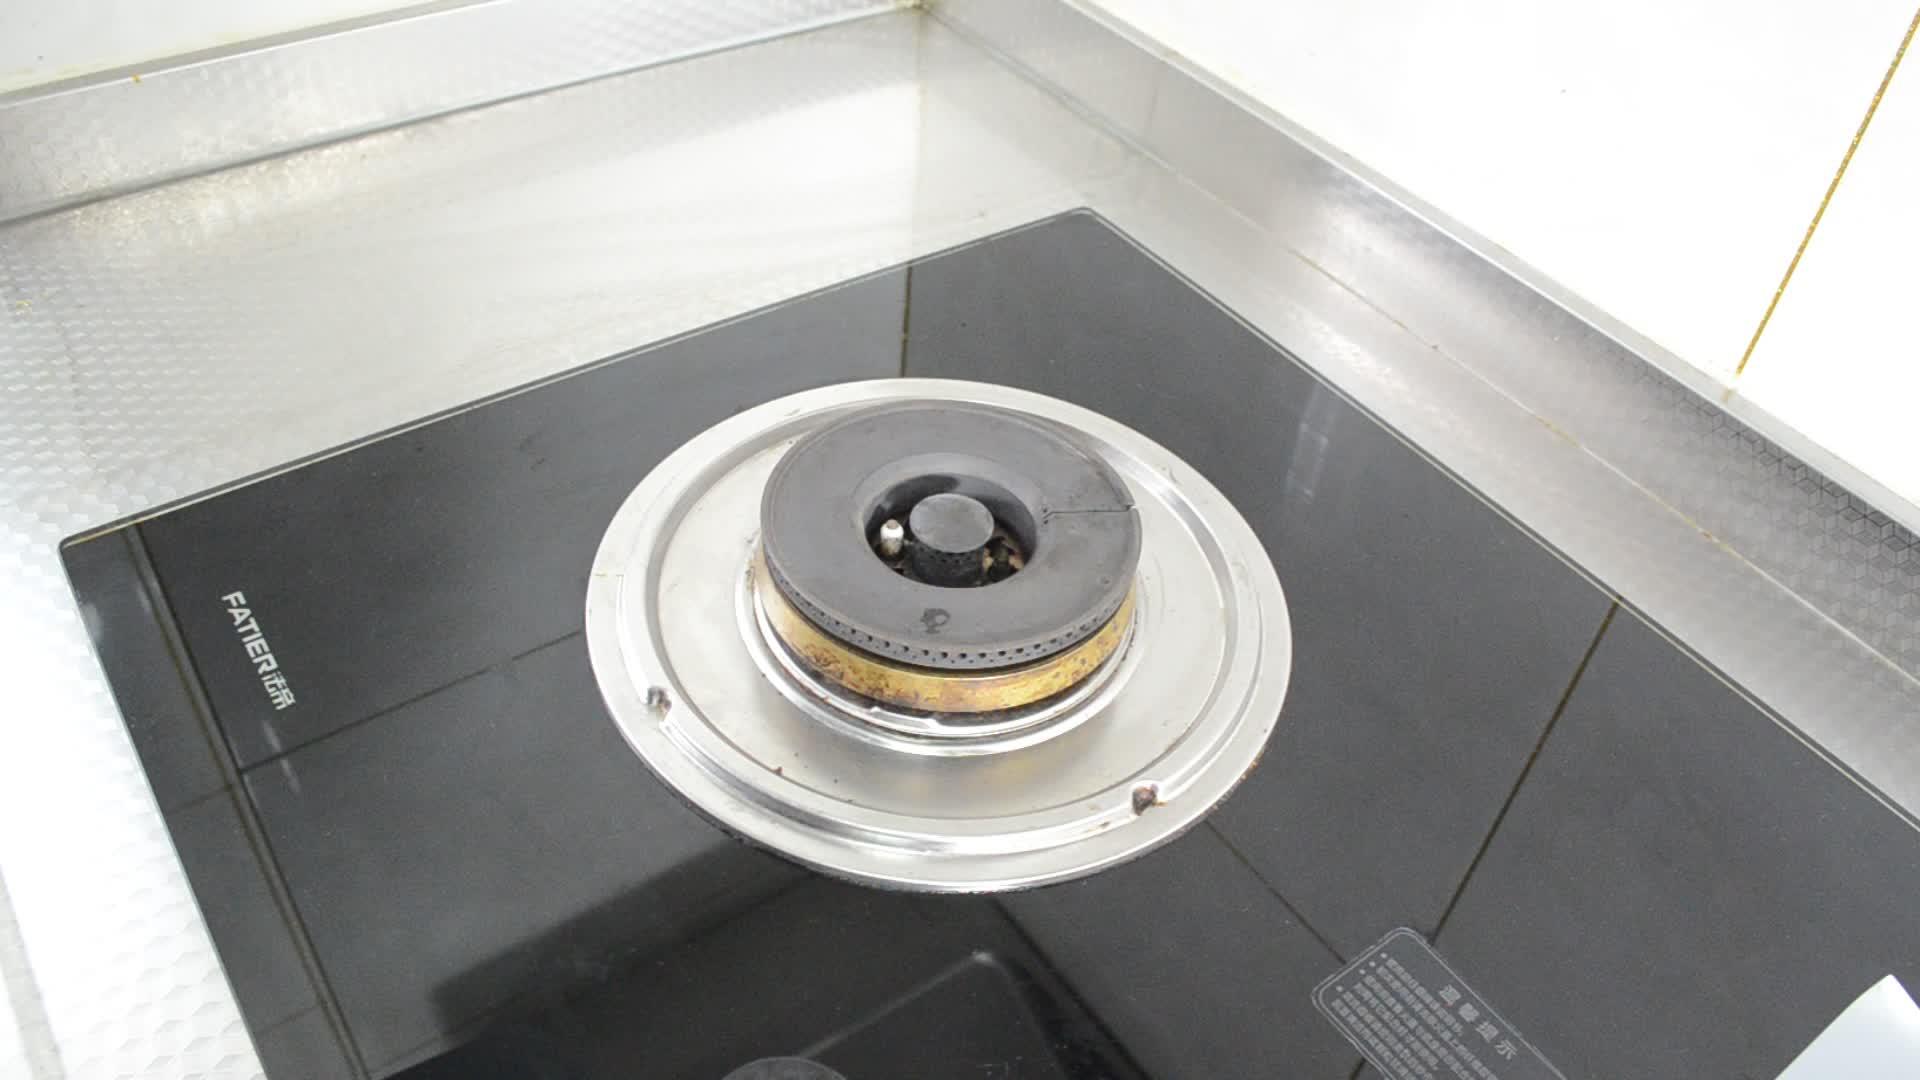 StoveTop 프로텍터-4 Nonstick 중장비 재사용 스토브 가스 버너 라이너-100% PFOA & BPA 무료